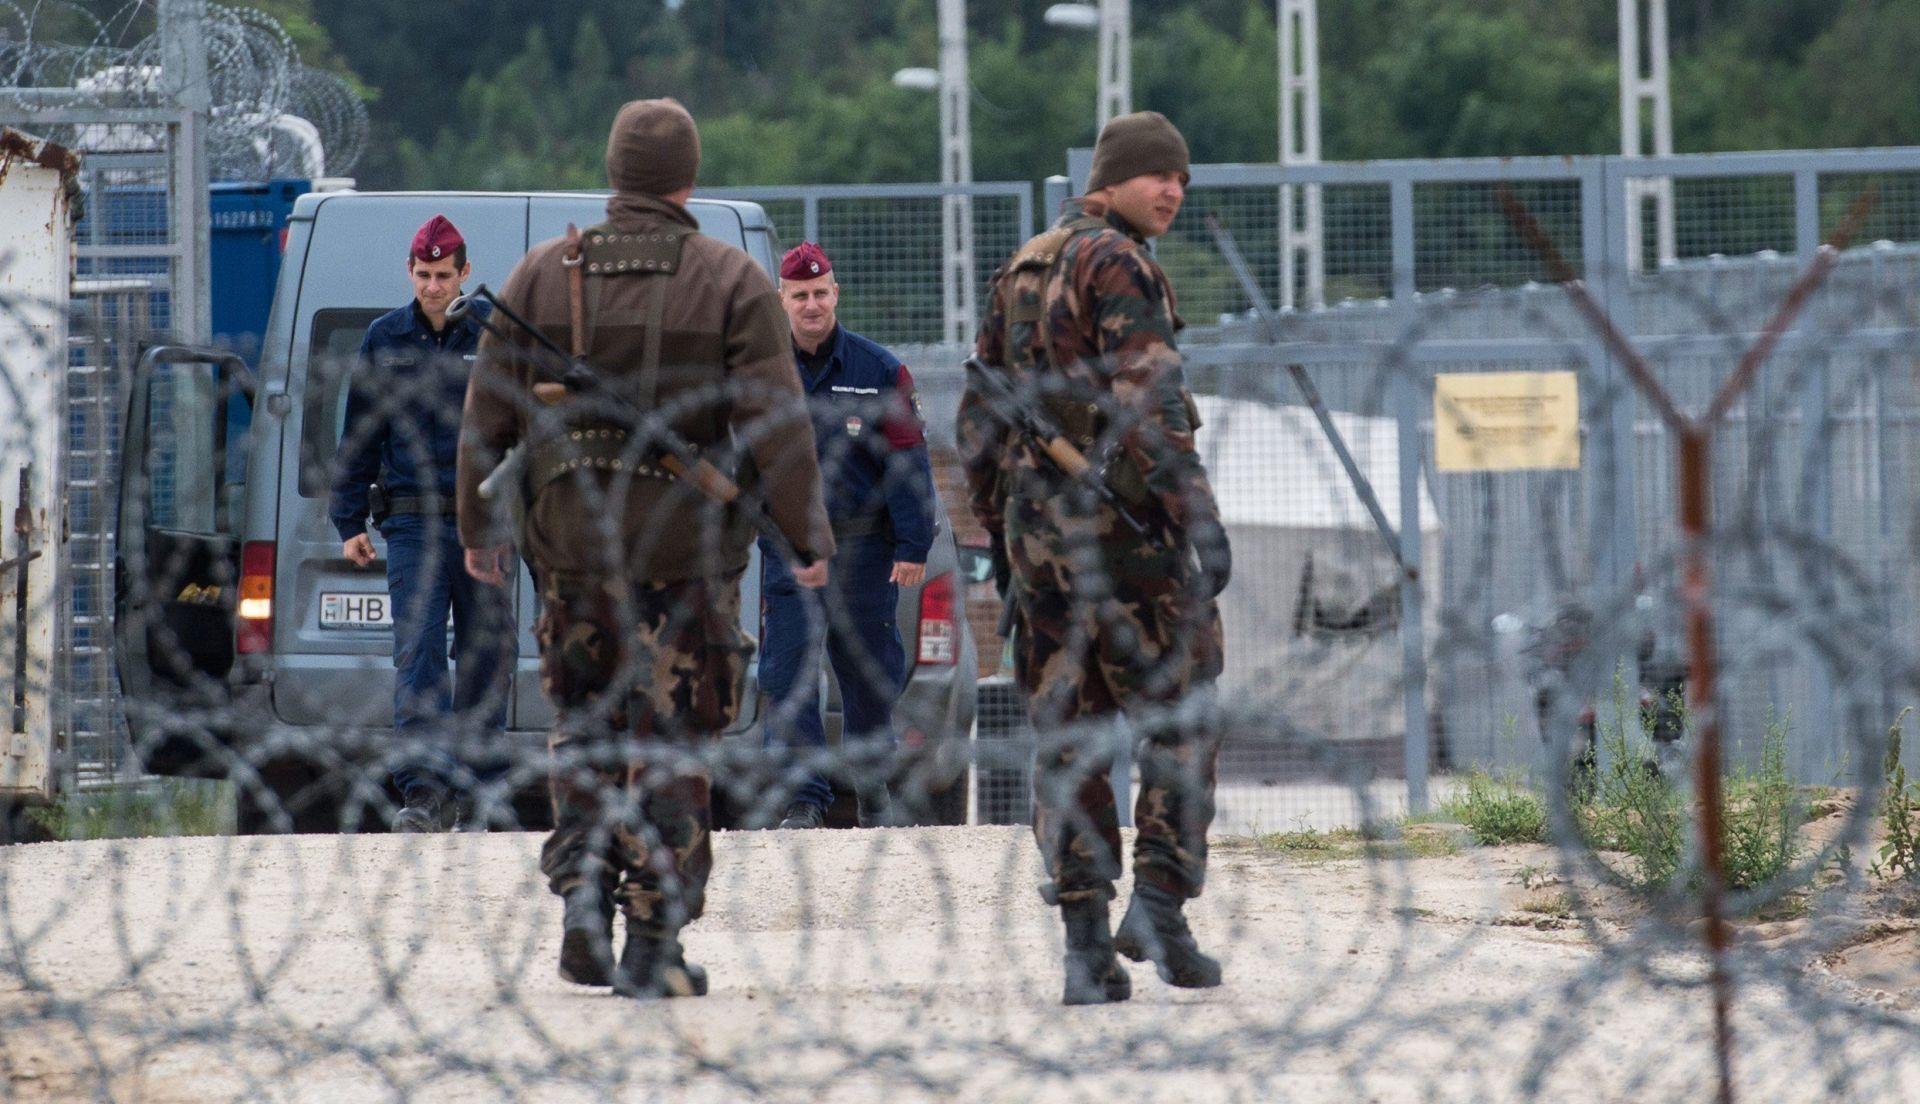 MAĐARSKA POLICIJA: Uhićene dvije žene povezane s terorizmom